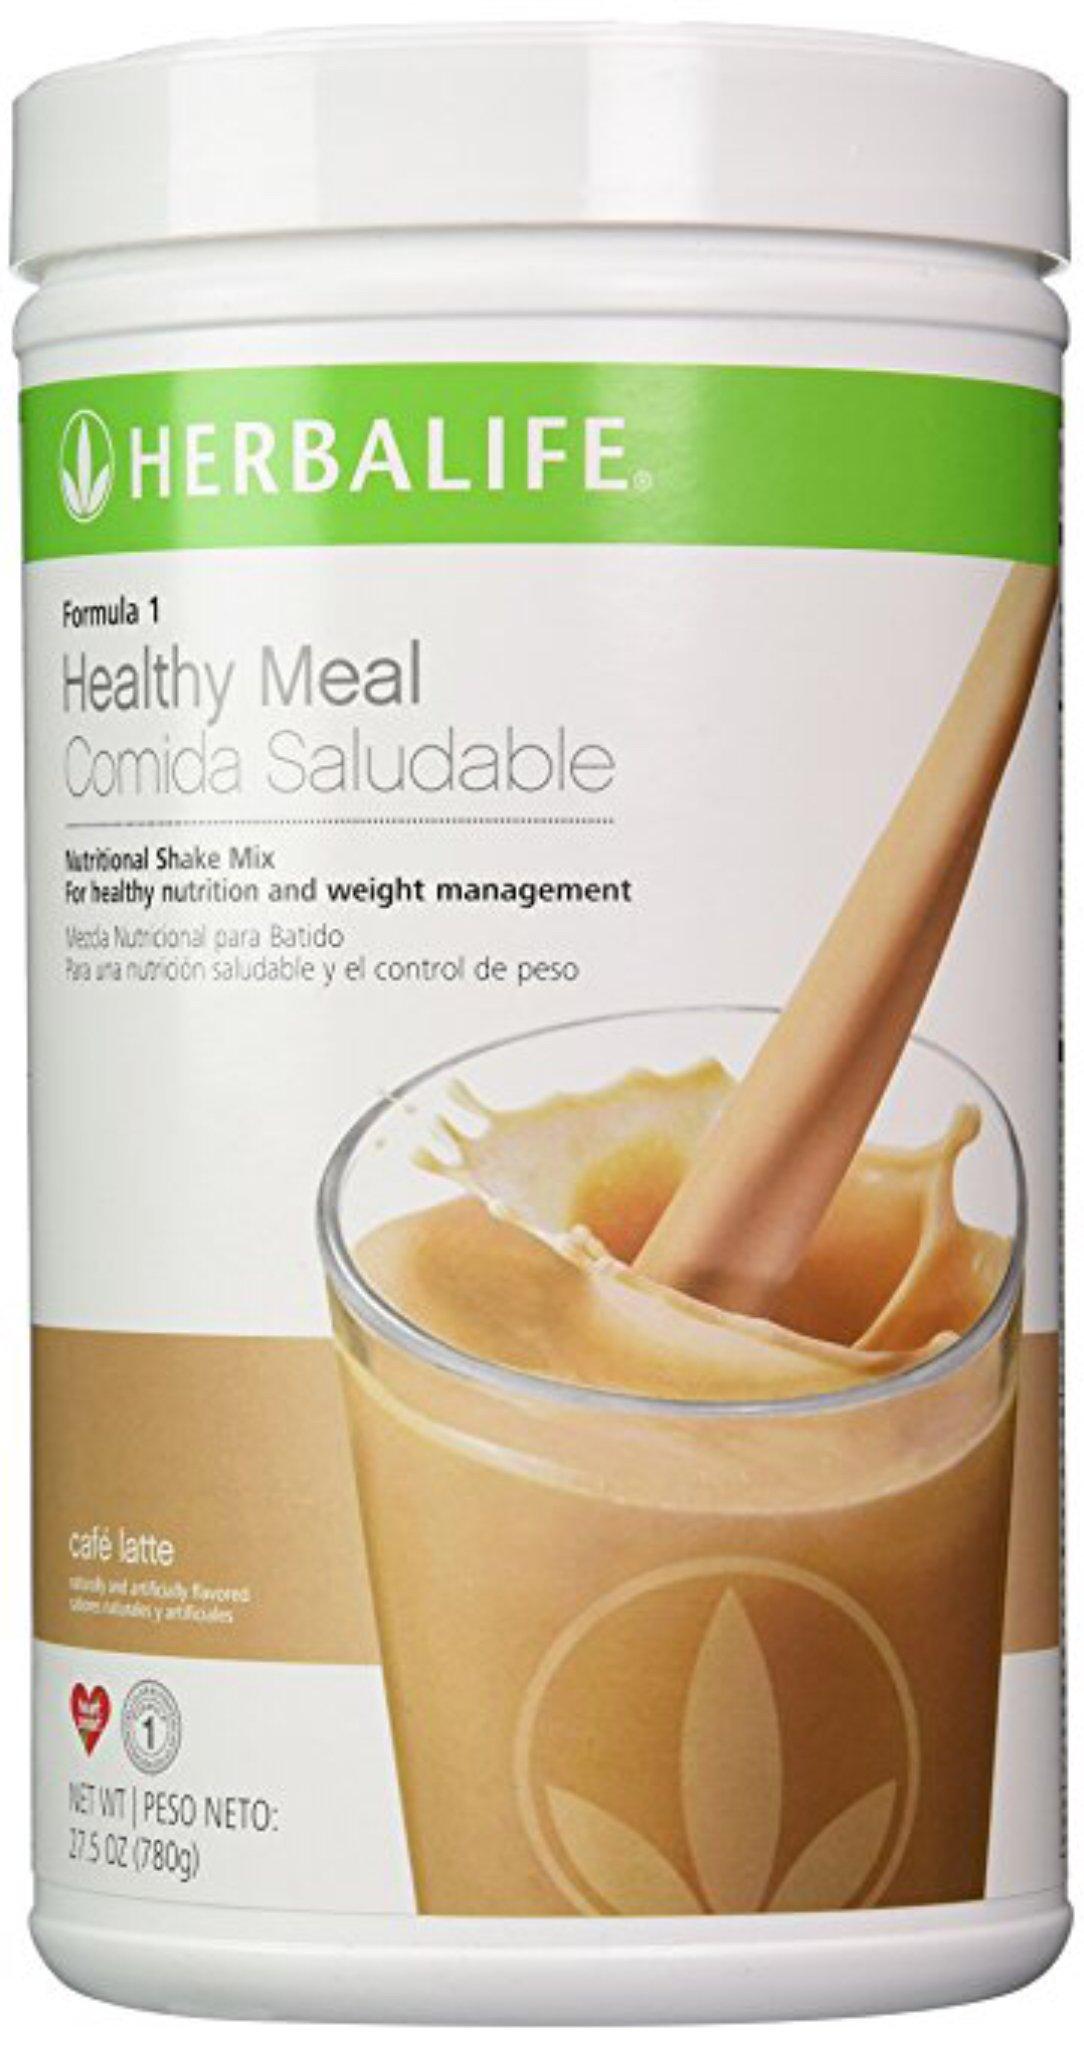 Formula One Nutritional Shake Mix Canister - Cafe Latte Flavor (Original Version)